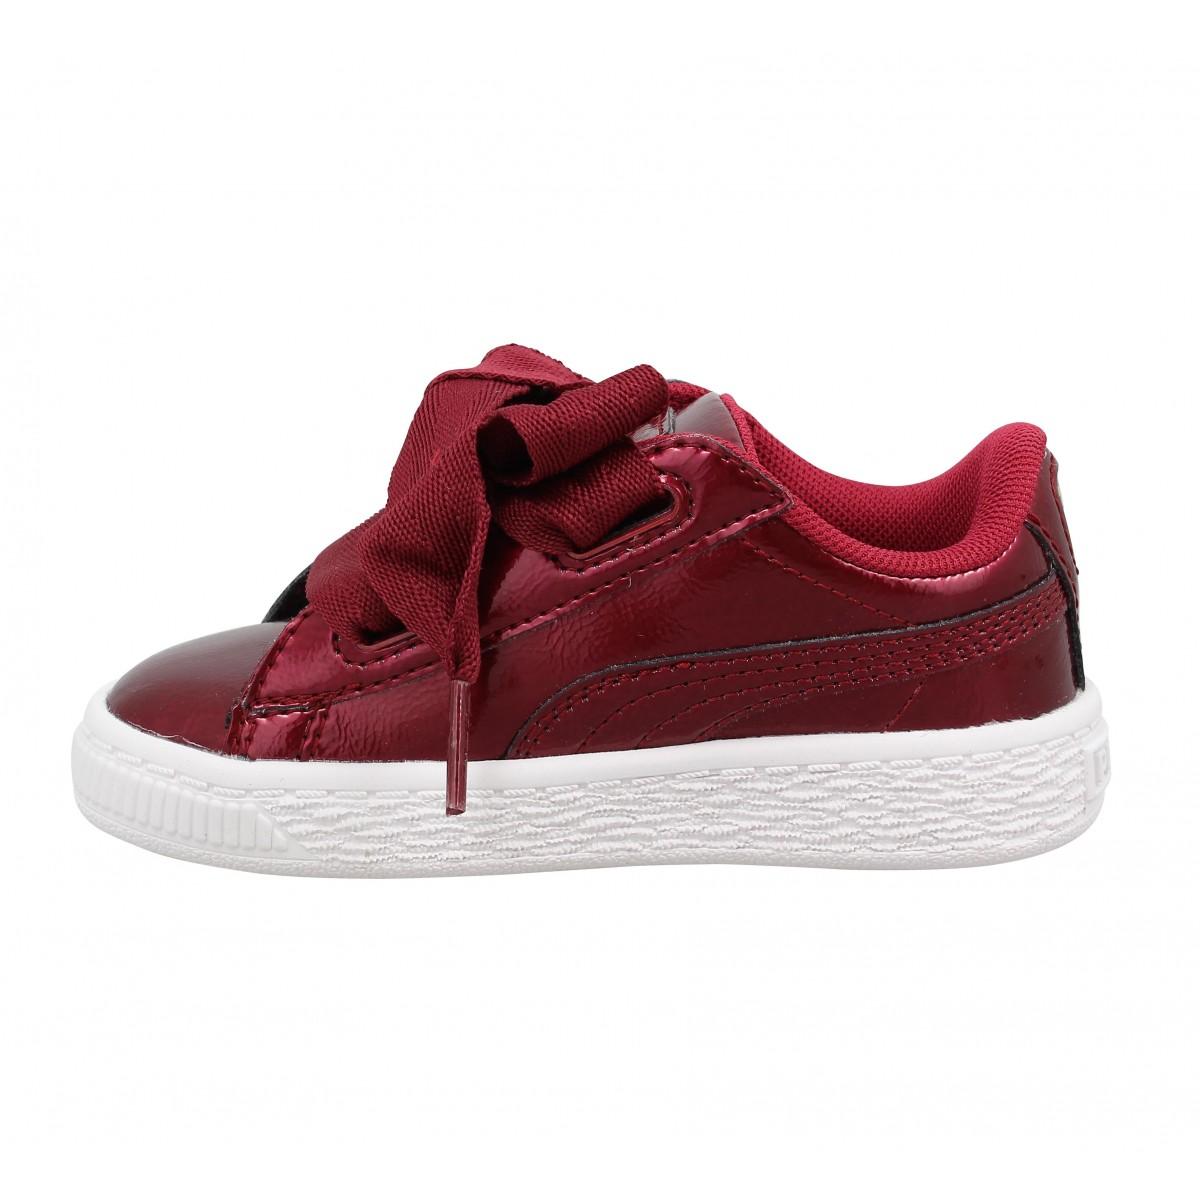 puma basket heart glam vernis enfant rouge enfants fanny chaussures. Black Bedroom Furniture Sets. Home Design Ideas